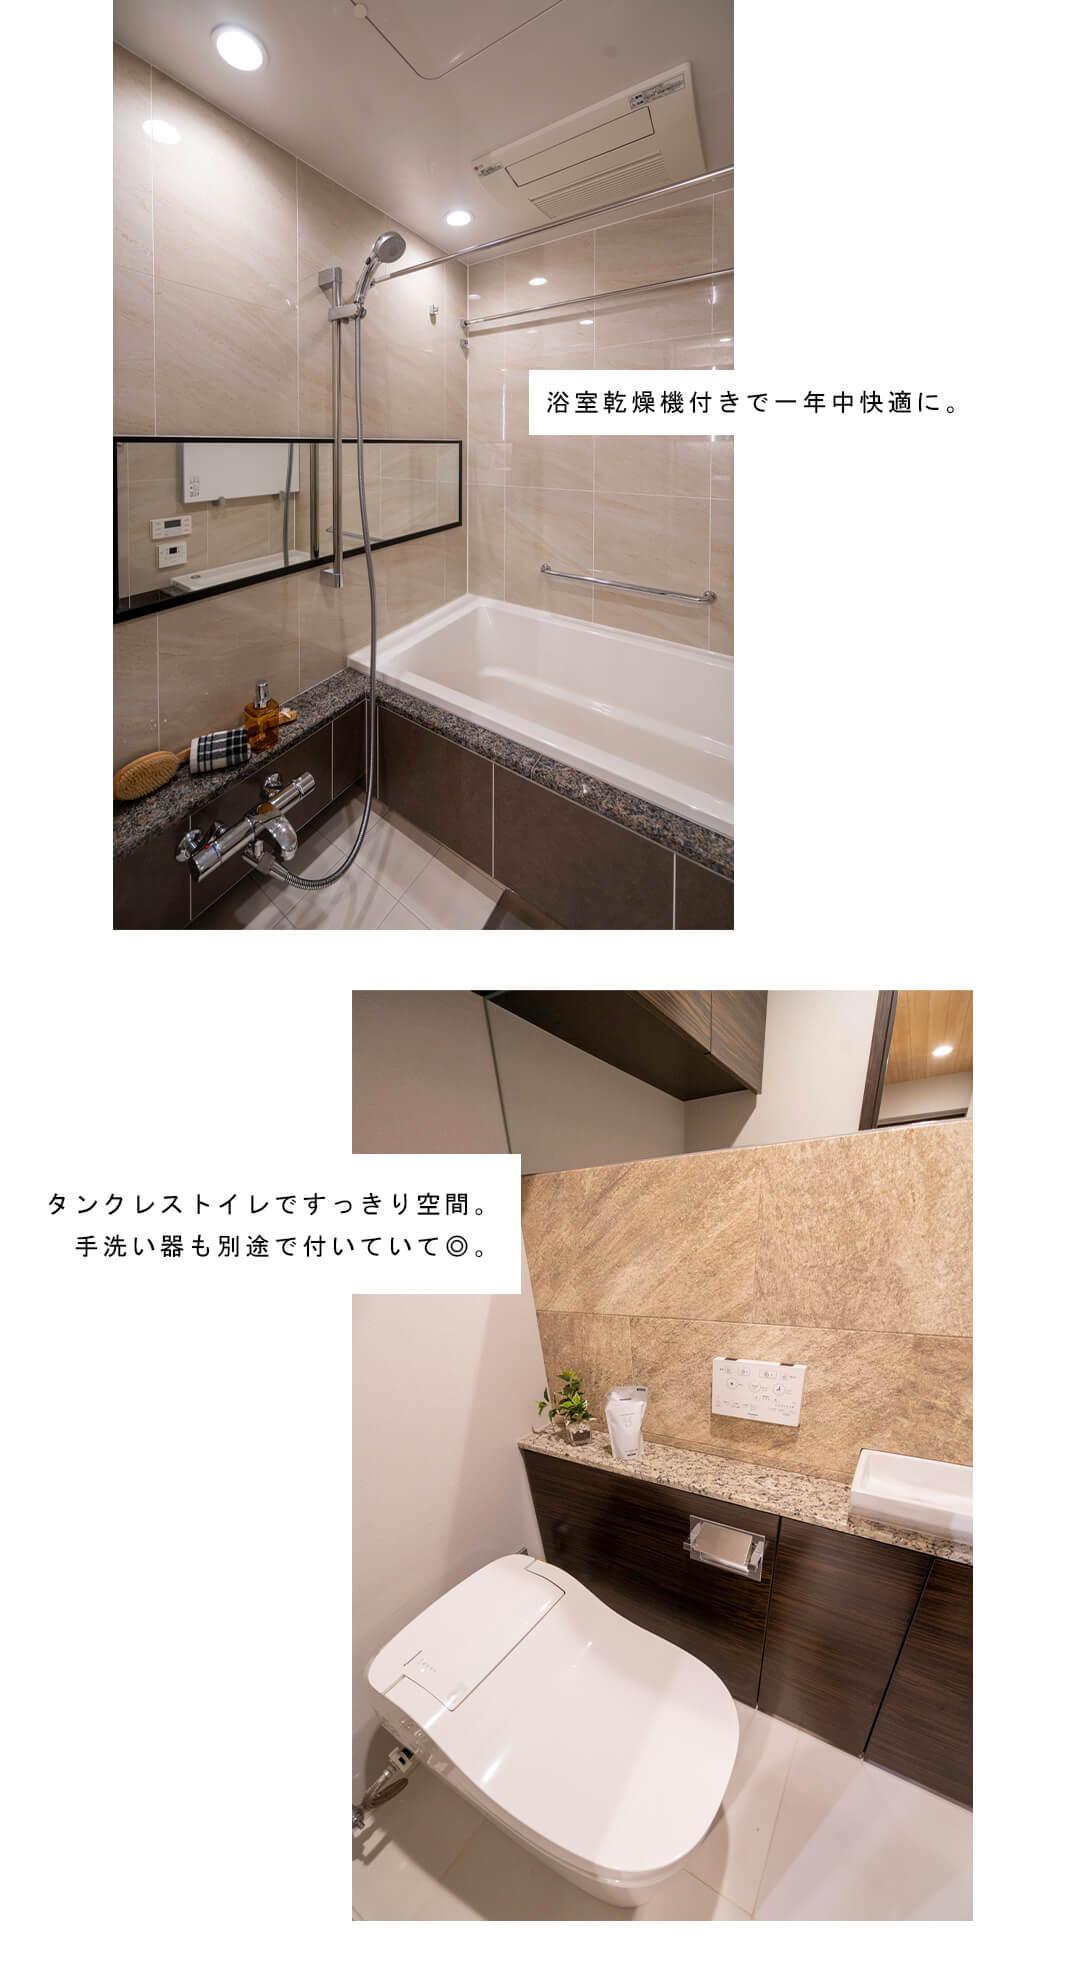 プラウド恵比寿南の浴室とトイレ